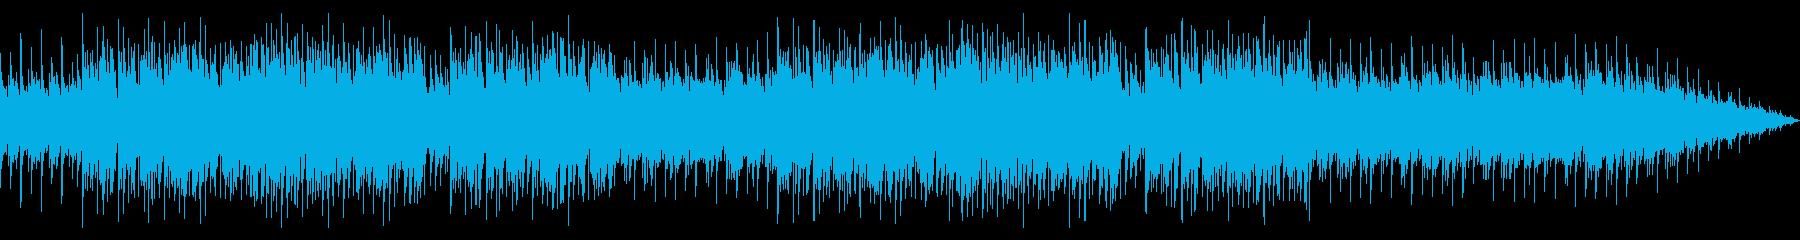 穏やかなで前向きなインストポップの再生済みの波形